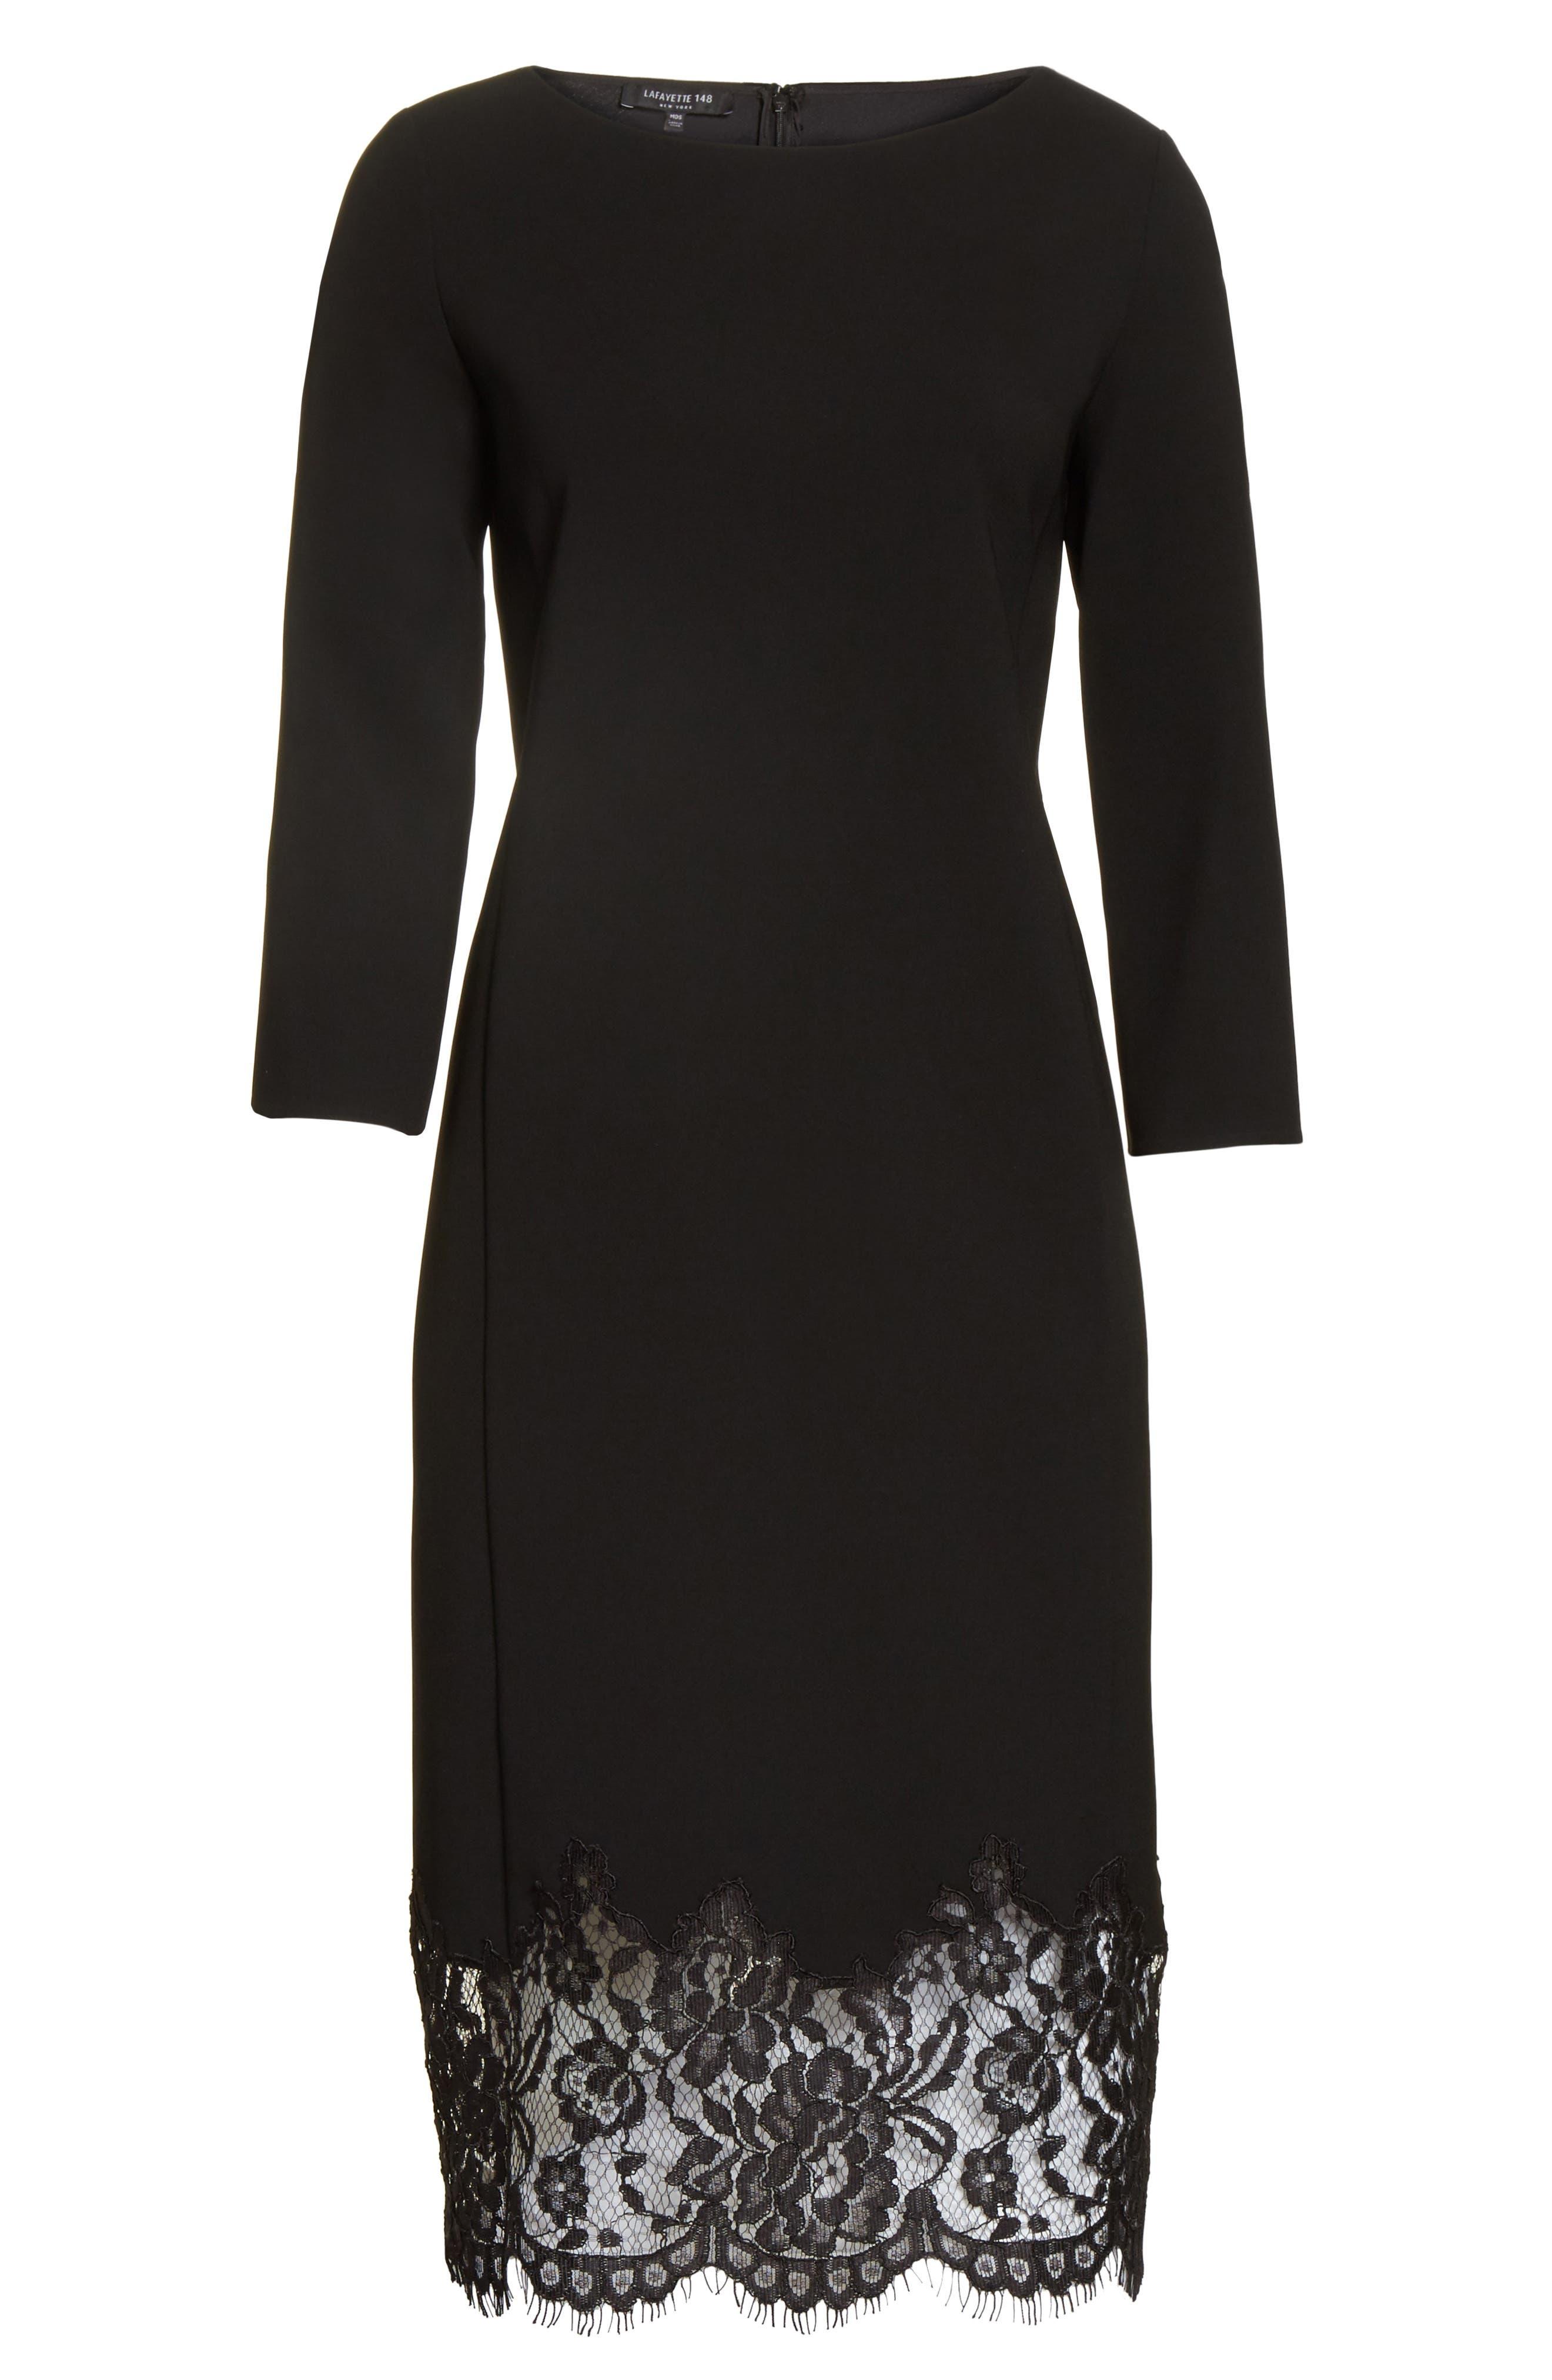 Mya Lace Hem Dress,                             Alternate thumbnail 8, color,                             Black